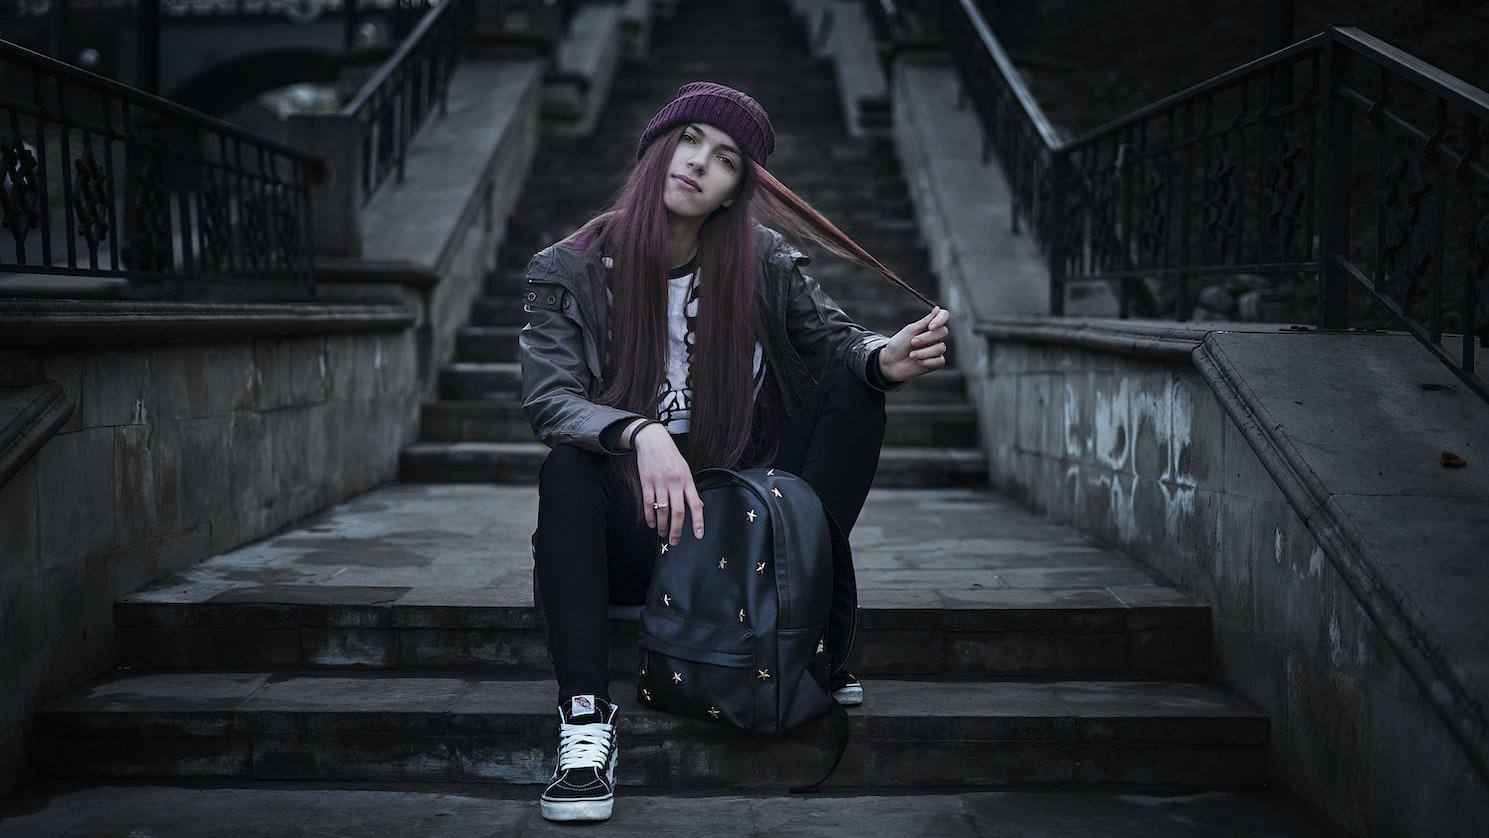 Adolescenza: uno dei temi trattati nella serie SKAM Italia